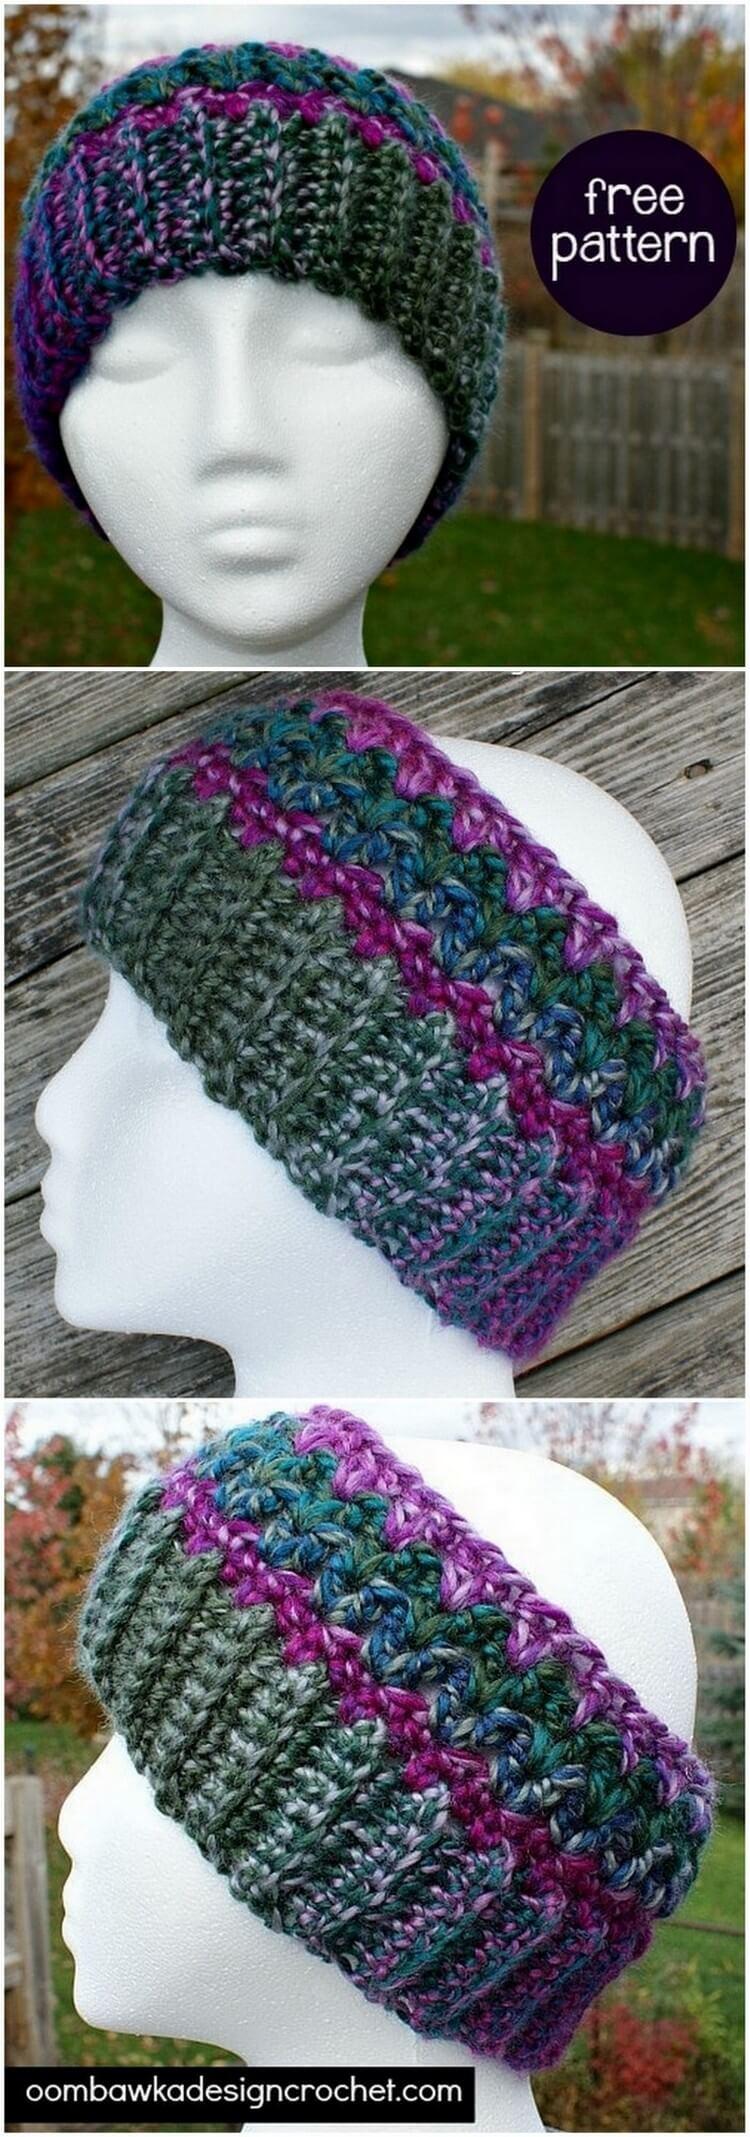 Free Crochet Pattern (21)